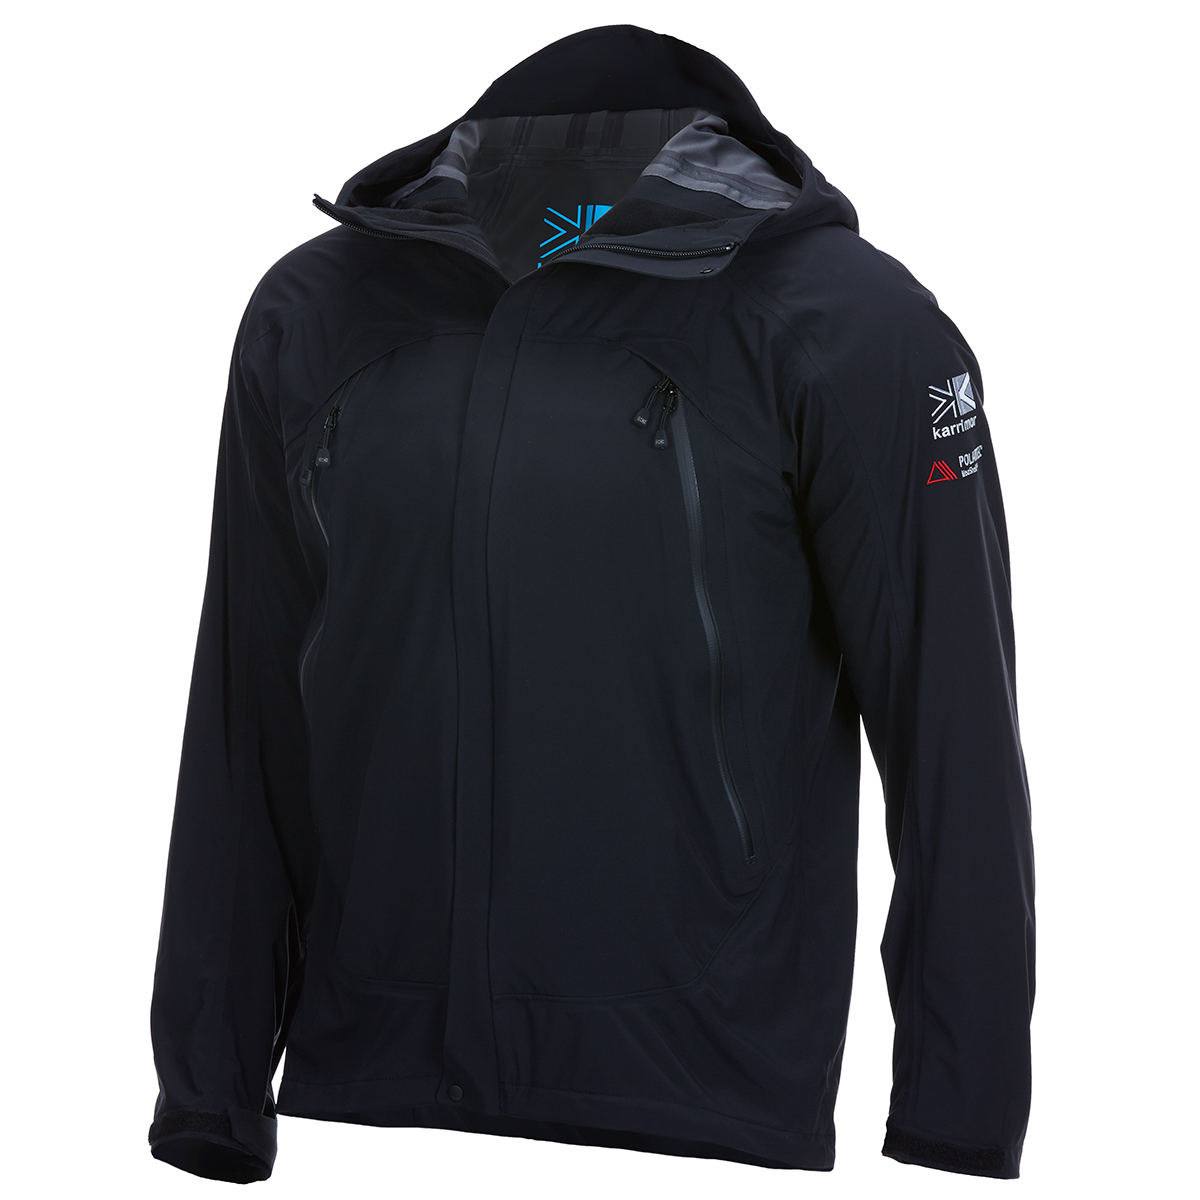 Karrimor Men's Boma Neoshell Shell Jacket - Black, XXL